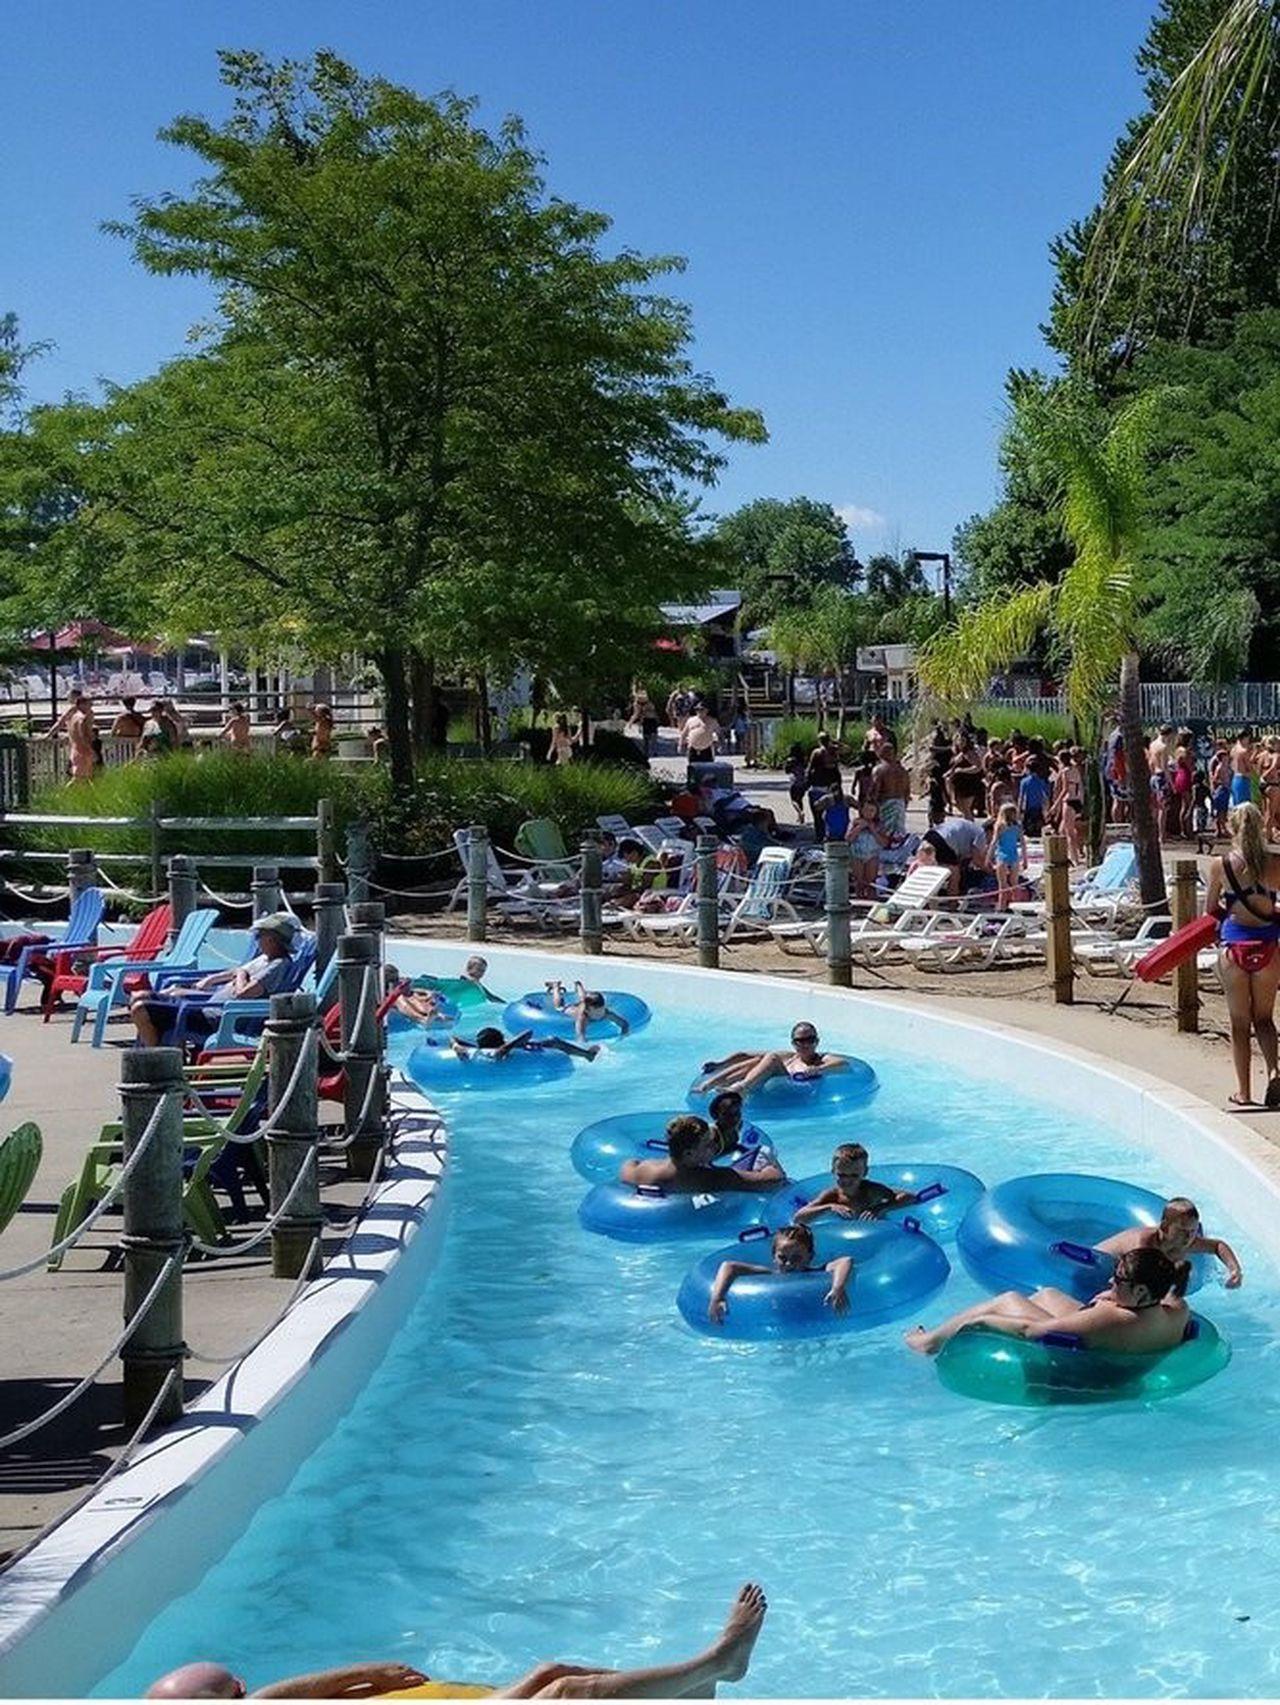 Water Park Citra Garden : water, citra, garden, Summer, Travel, Guide, 2018:, Force, Museum,, Cincinnati, Reds,, Kings, Island, Cleveland.com